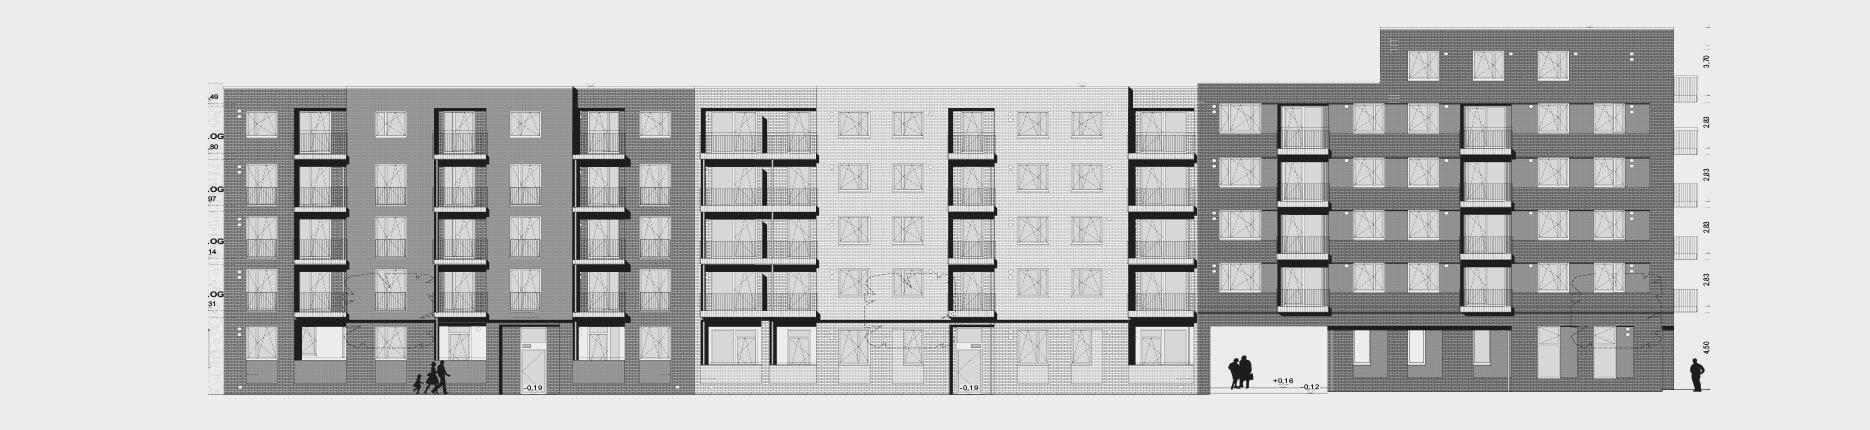 Architekturzeichnung - Diese Zeichnung zeigt ein Bauprojekt für Kapitalanleger in der Mitte Altona in Hamburg.